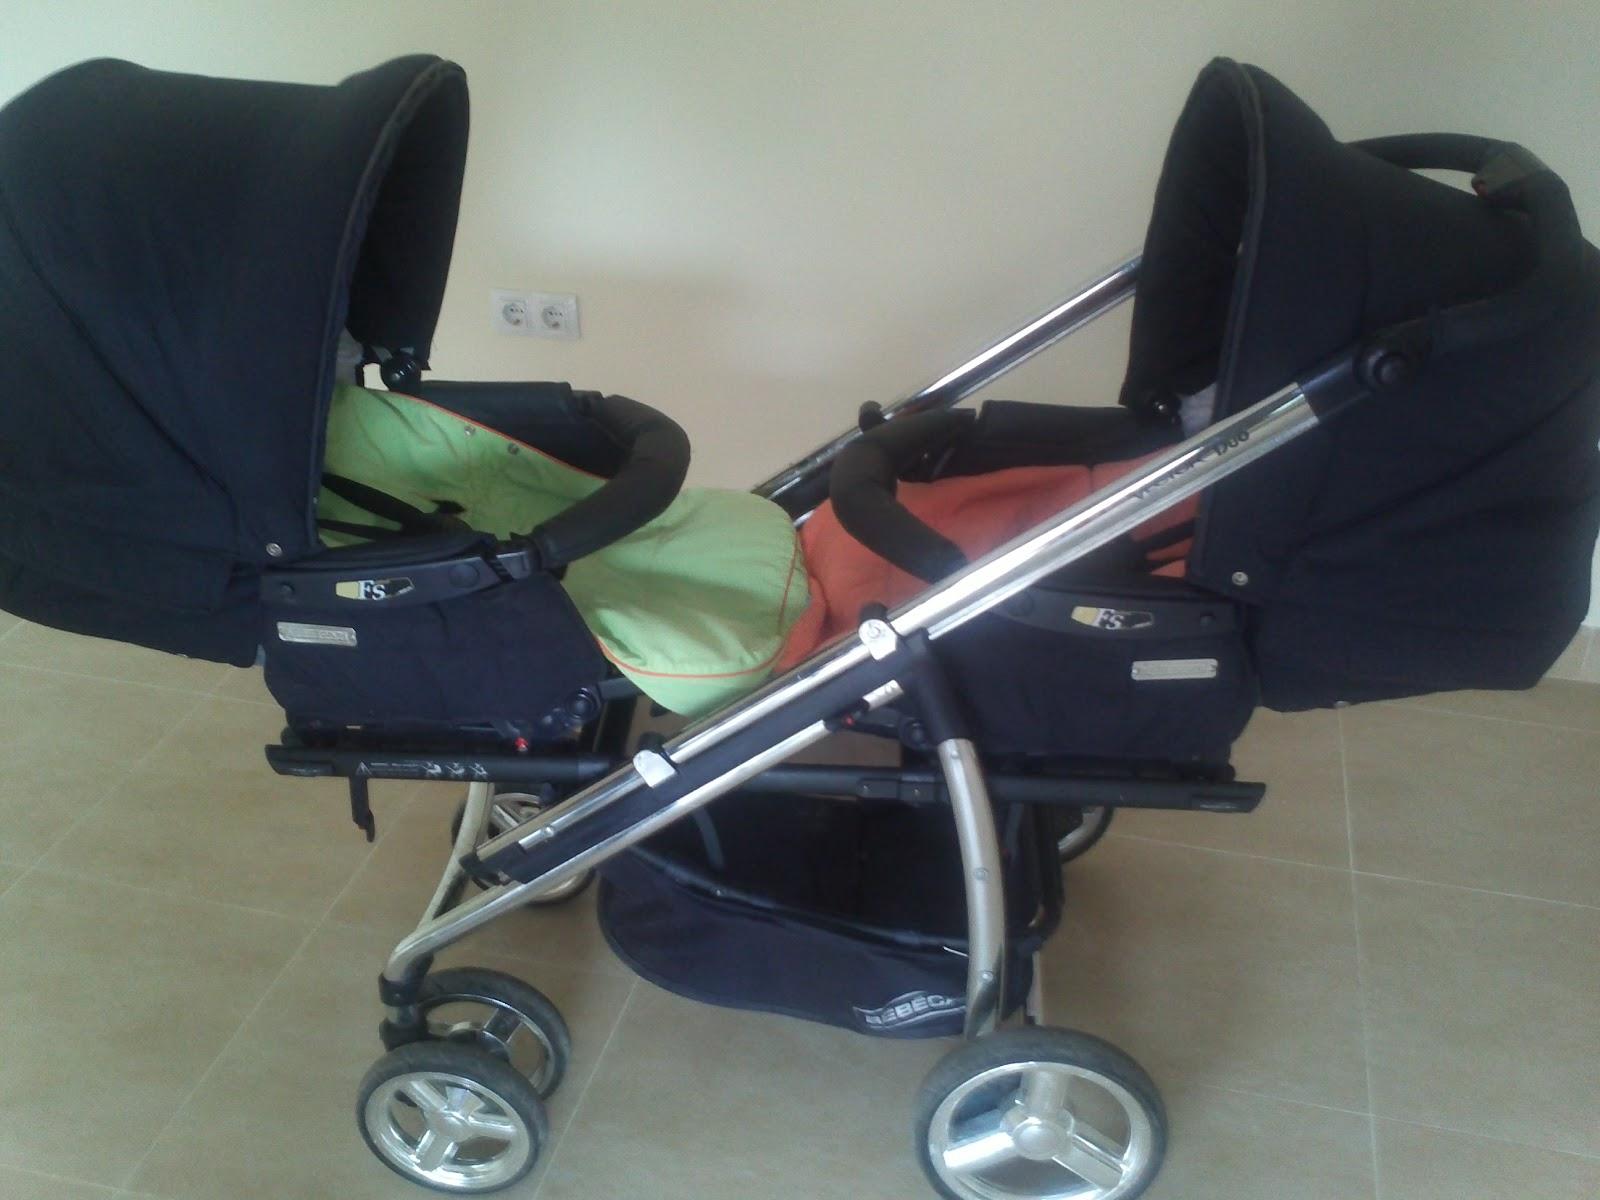 Segunda mano como nuevo silla de paseo gemelar marca bebecar modelo vector duo en color azul - Silla de paseo bebecar ...